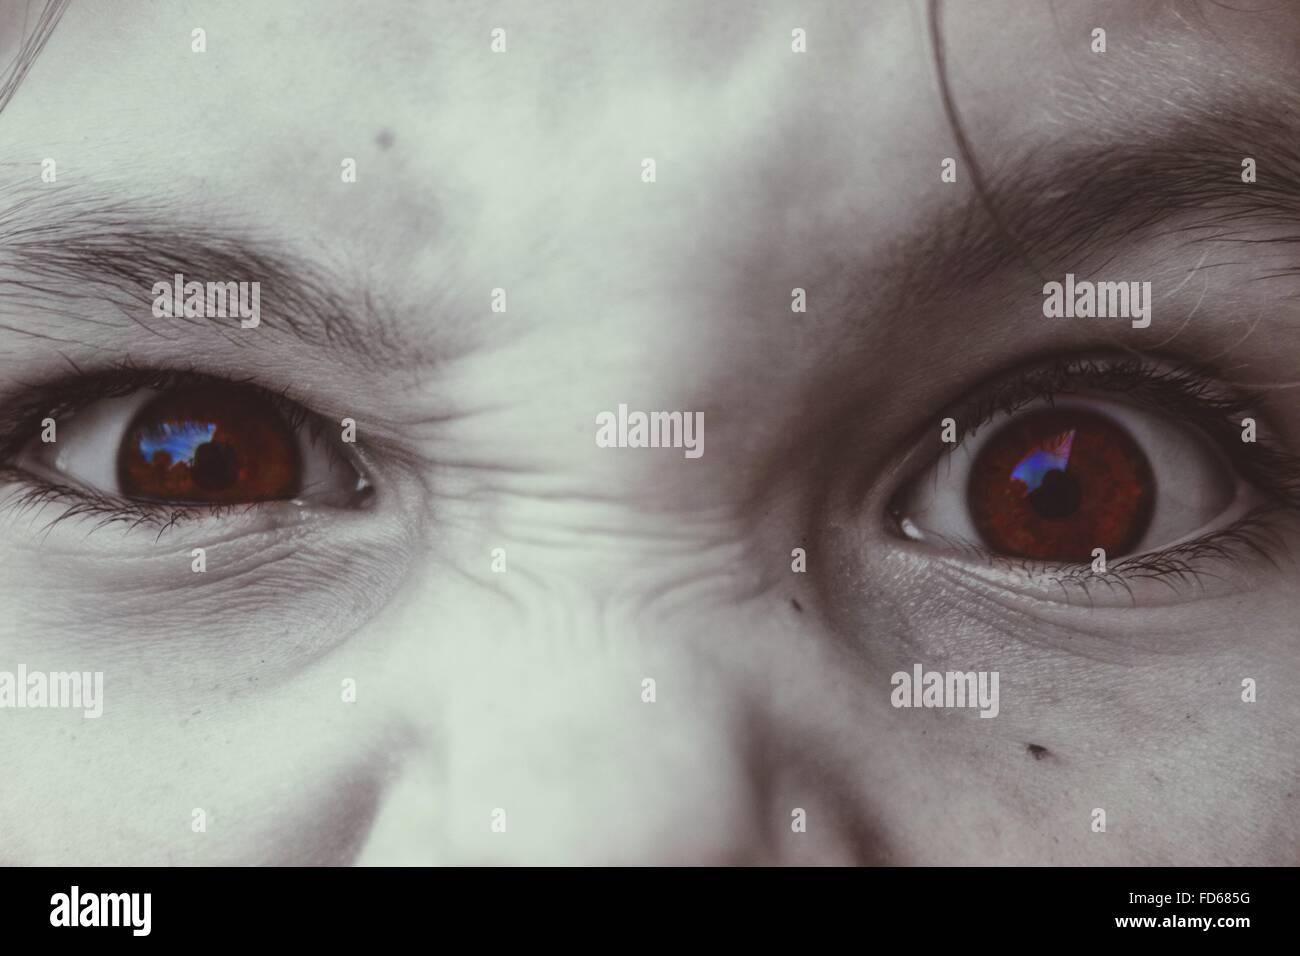 Primer plano de los ojos de un niño Imagen De Stock